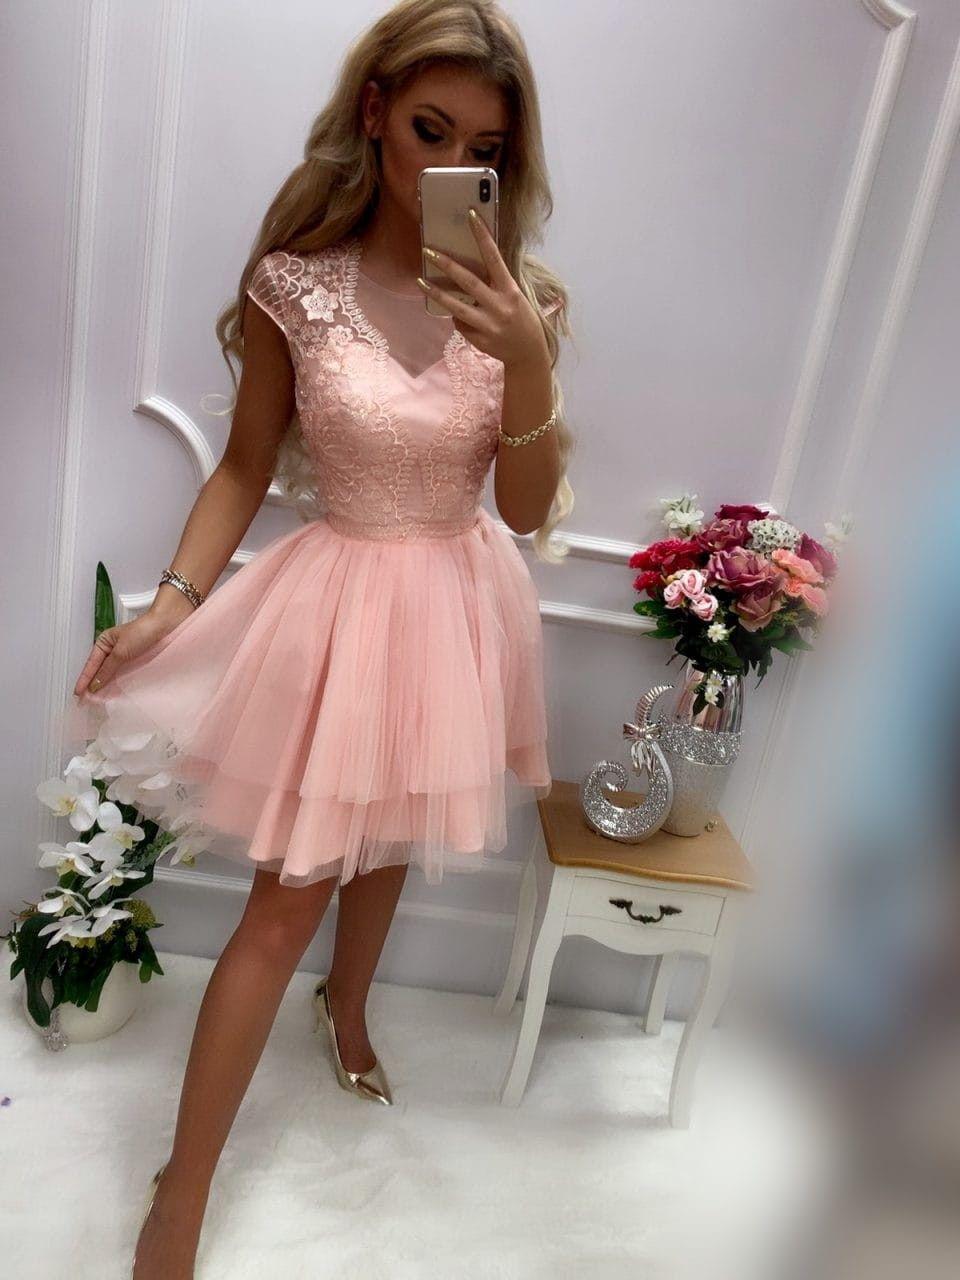 Sukienka Lososiowa Koronkowa Izaura Tiul Bombka Sukienki W Mohho Pl Tulle Fashion Tulle Skirt